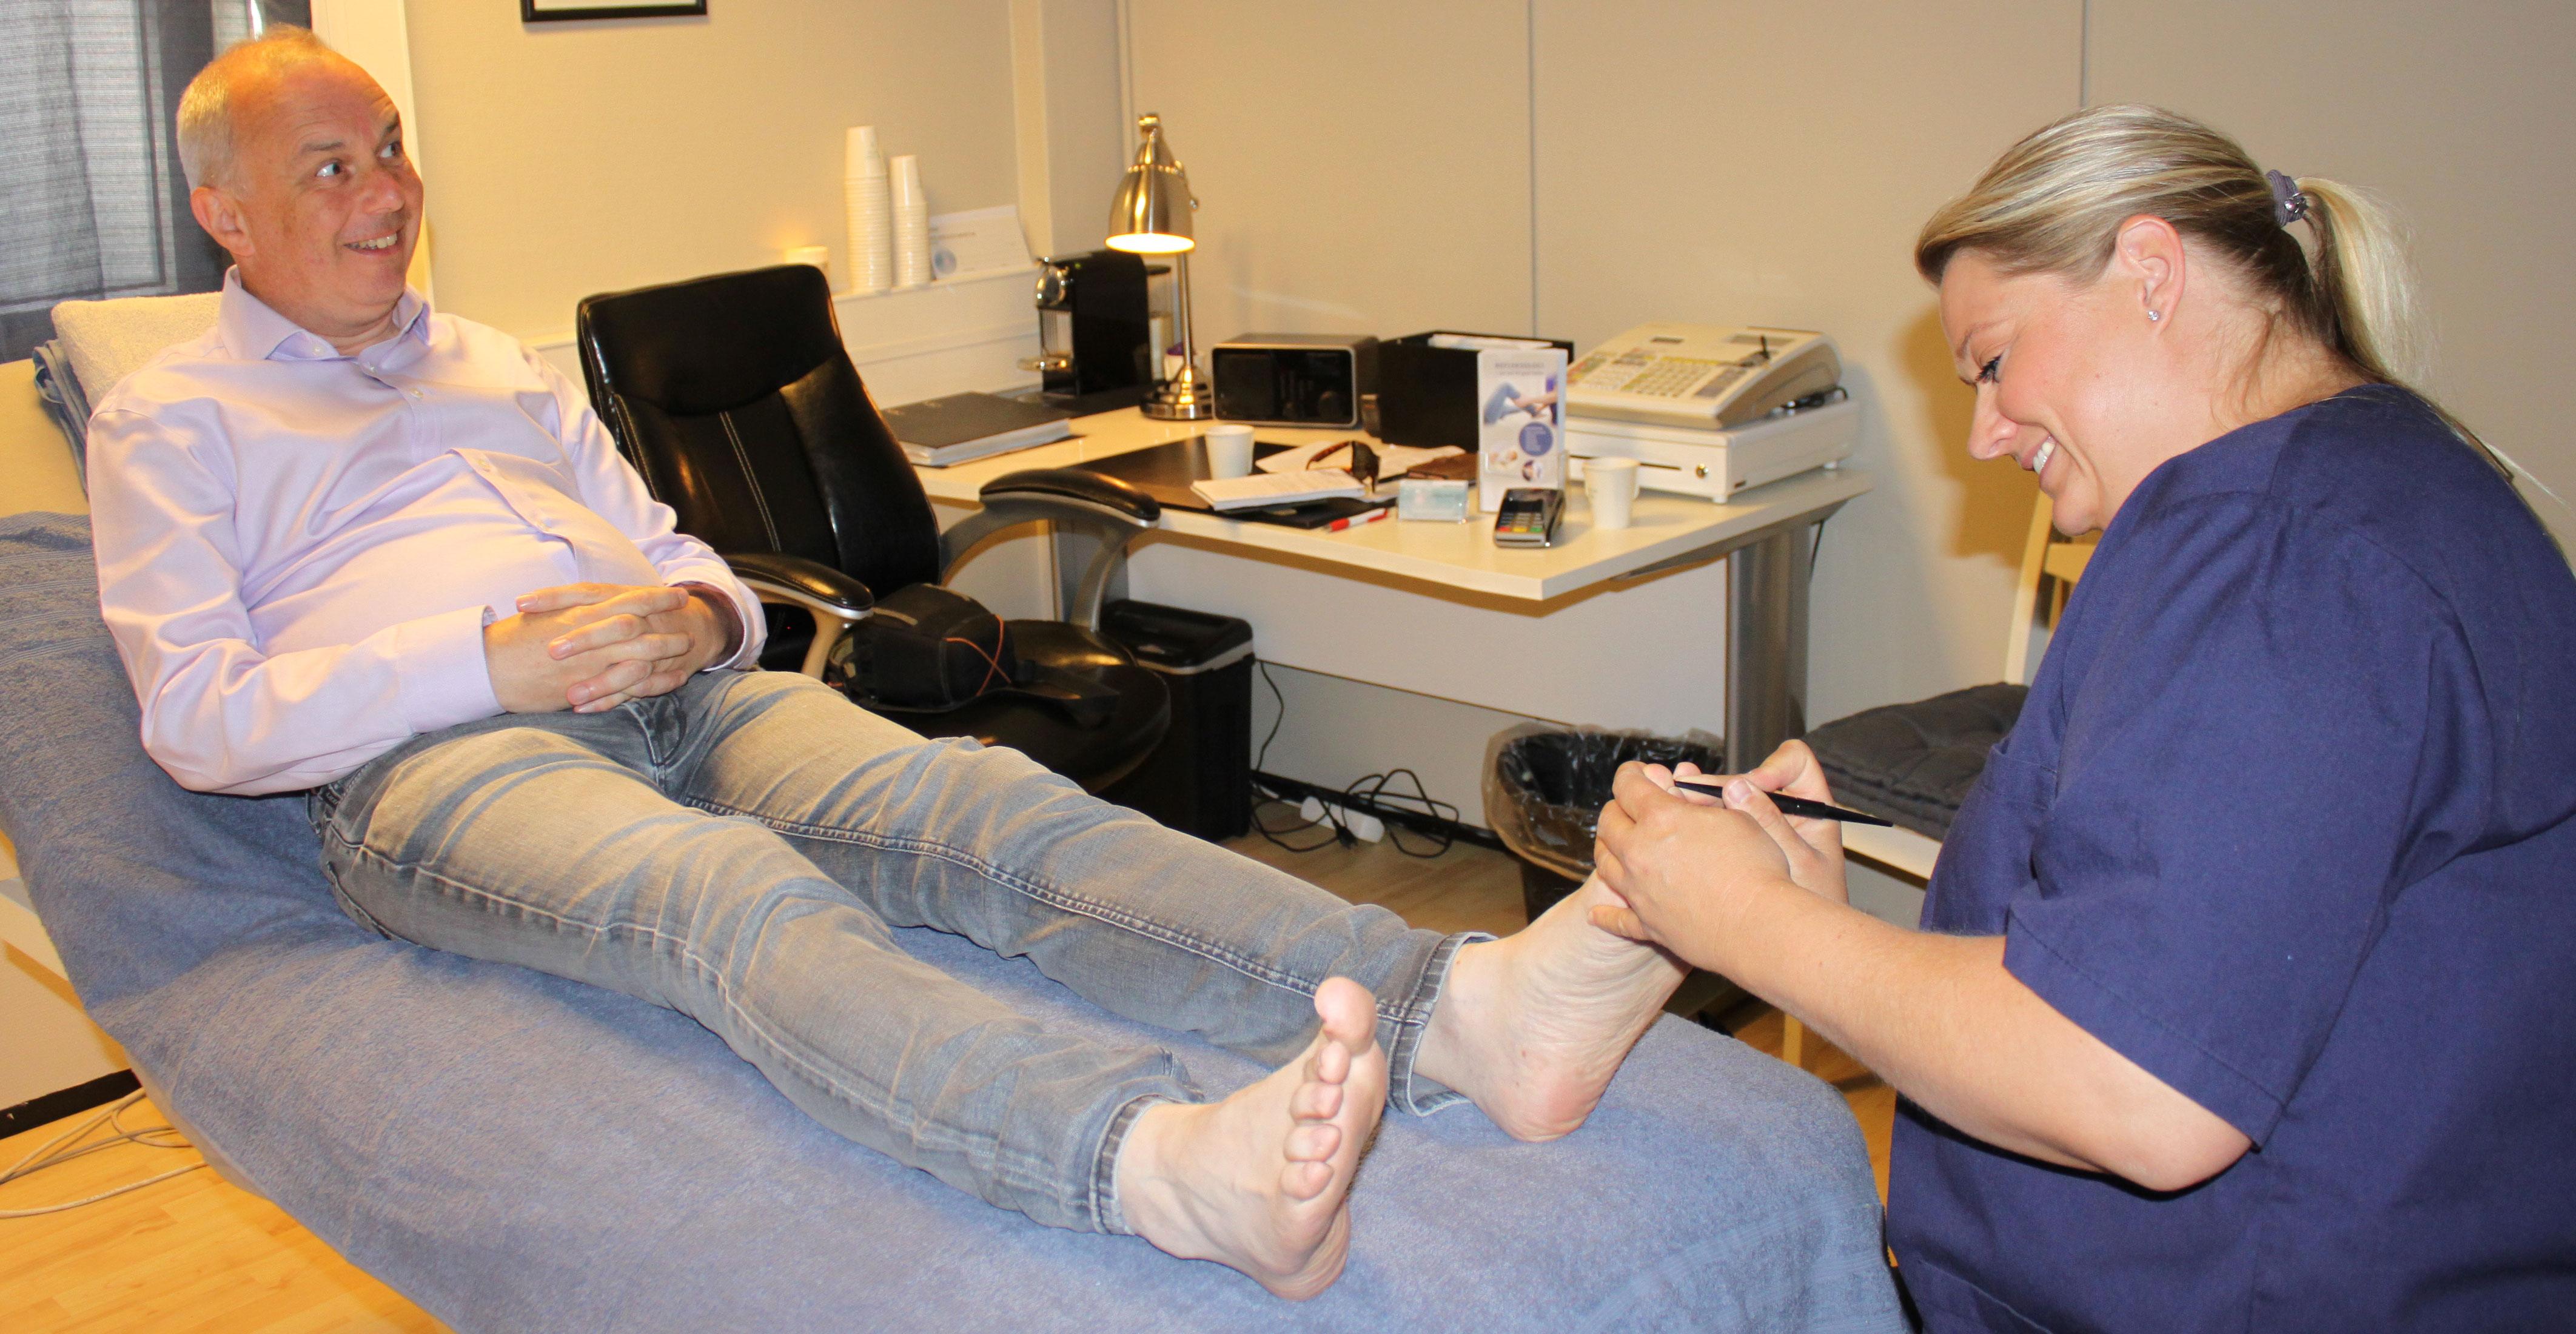 Mike Naylor fra Mjøndalen er sykepleier og velger refleksologi som behandling for allergi - i tillegg til konvensjonelle medisiner.